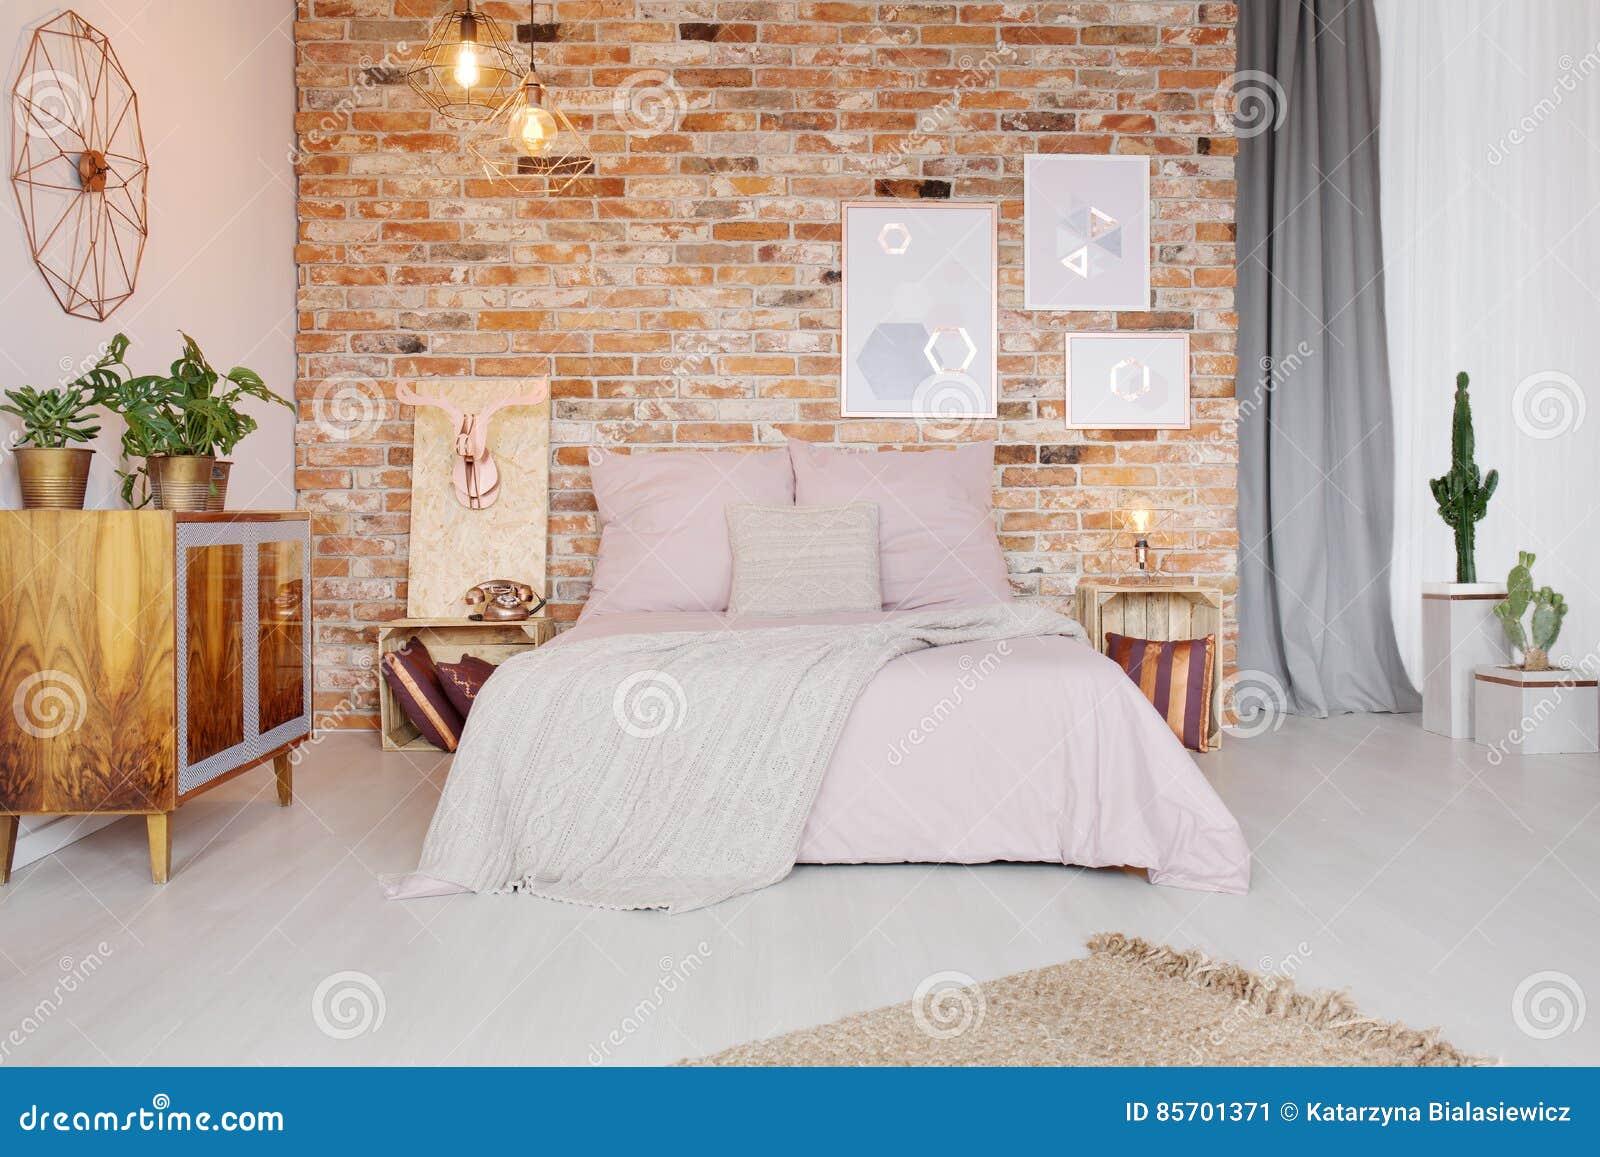 Design Commode Slaapkamer : Slaapkamer met pallet zijlijst stock afbeelding afbeelding